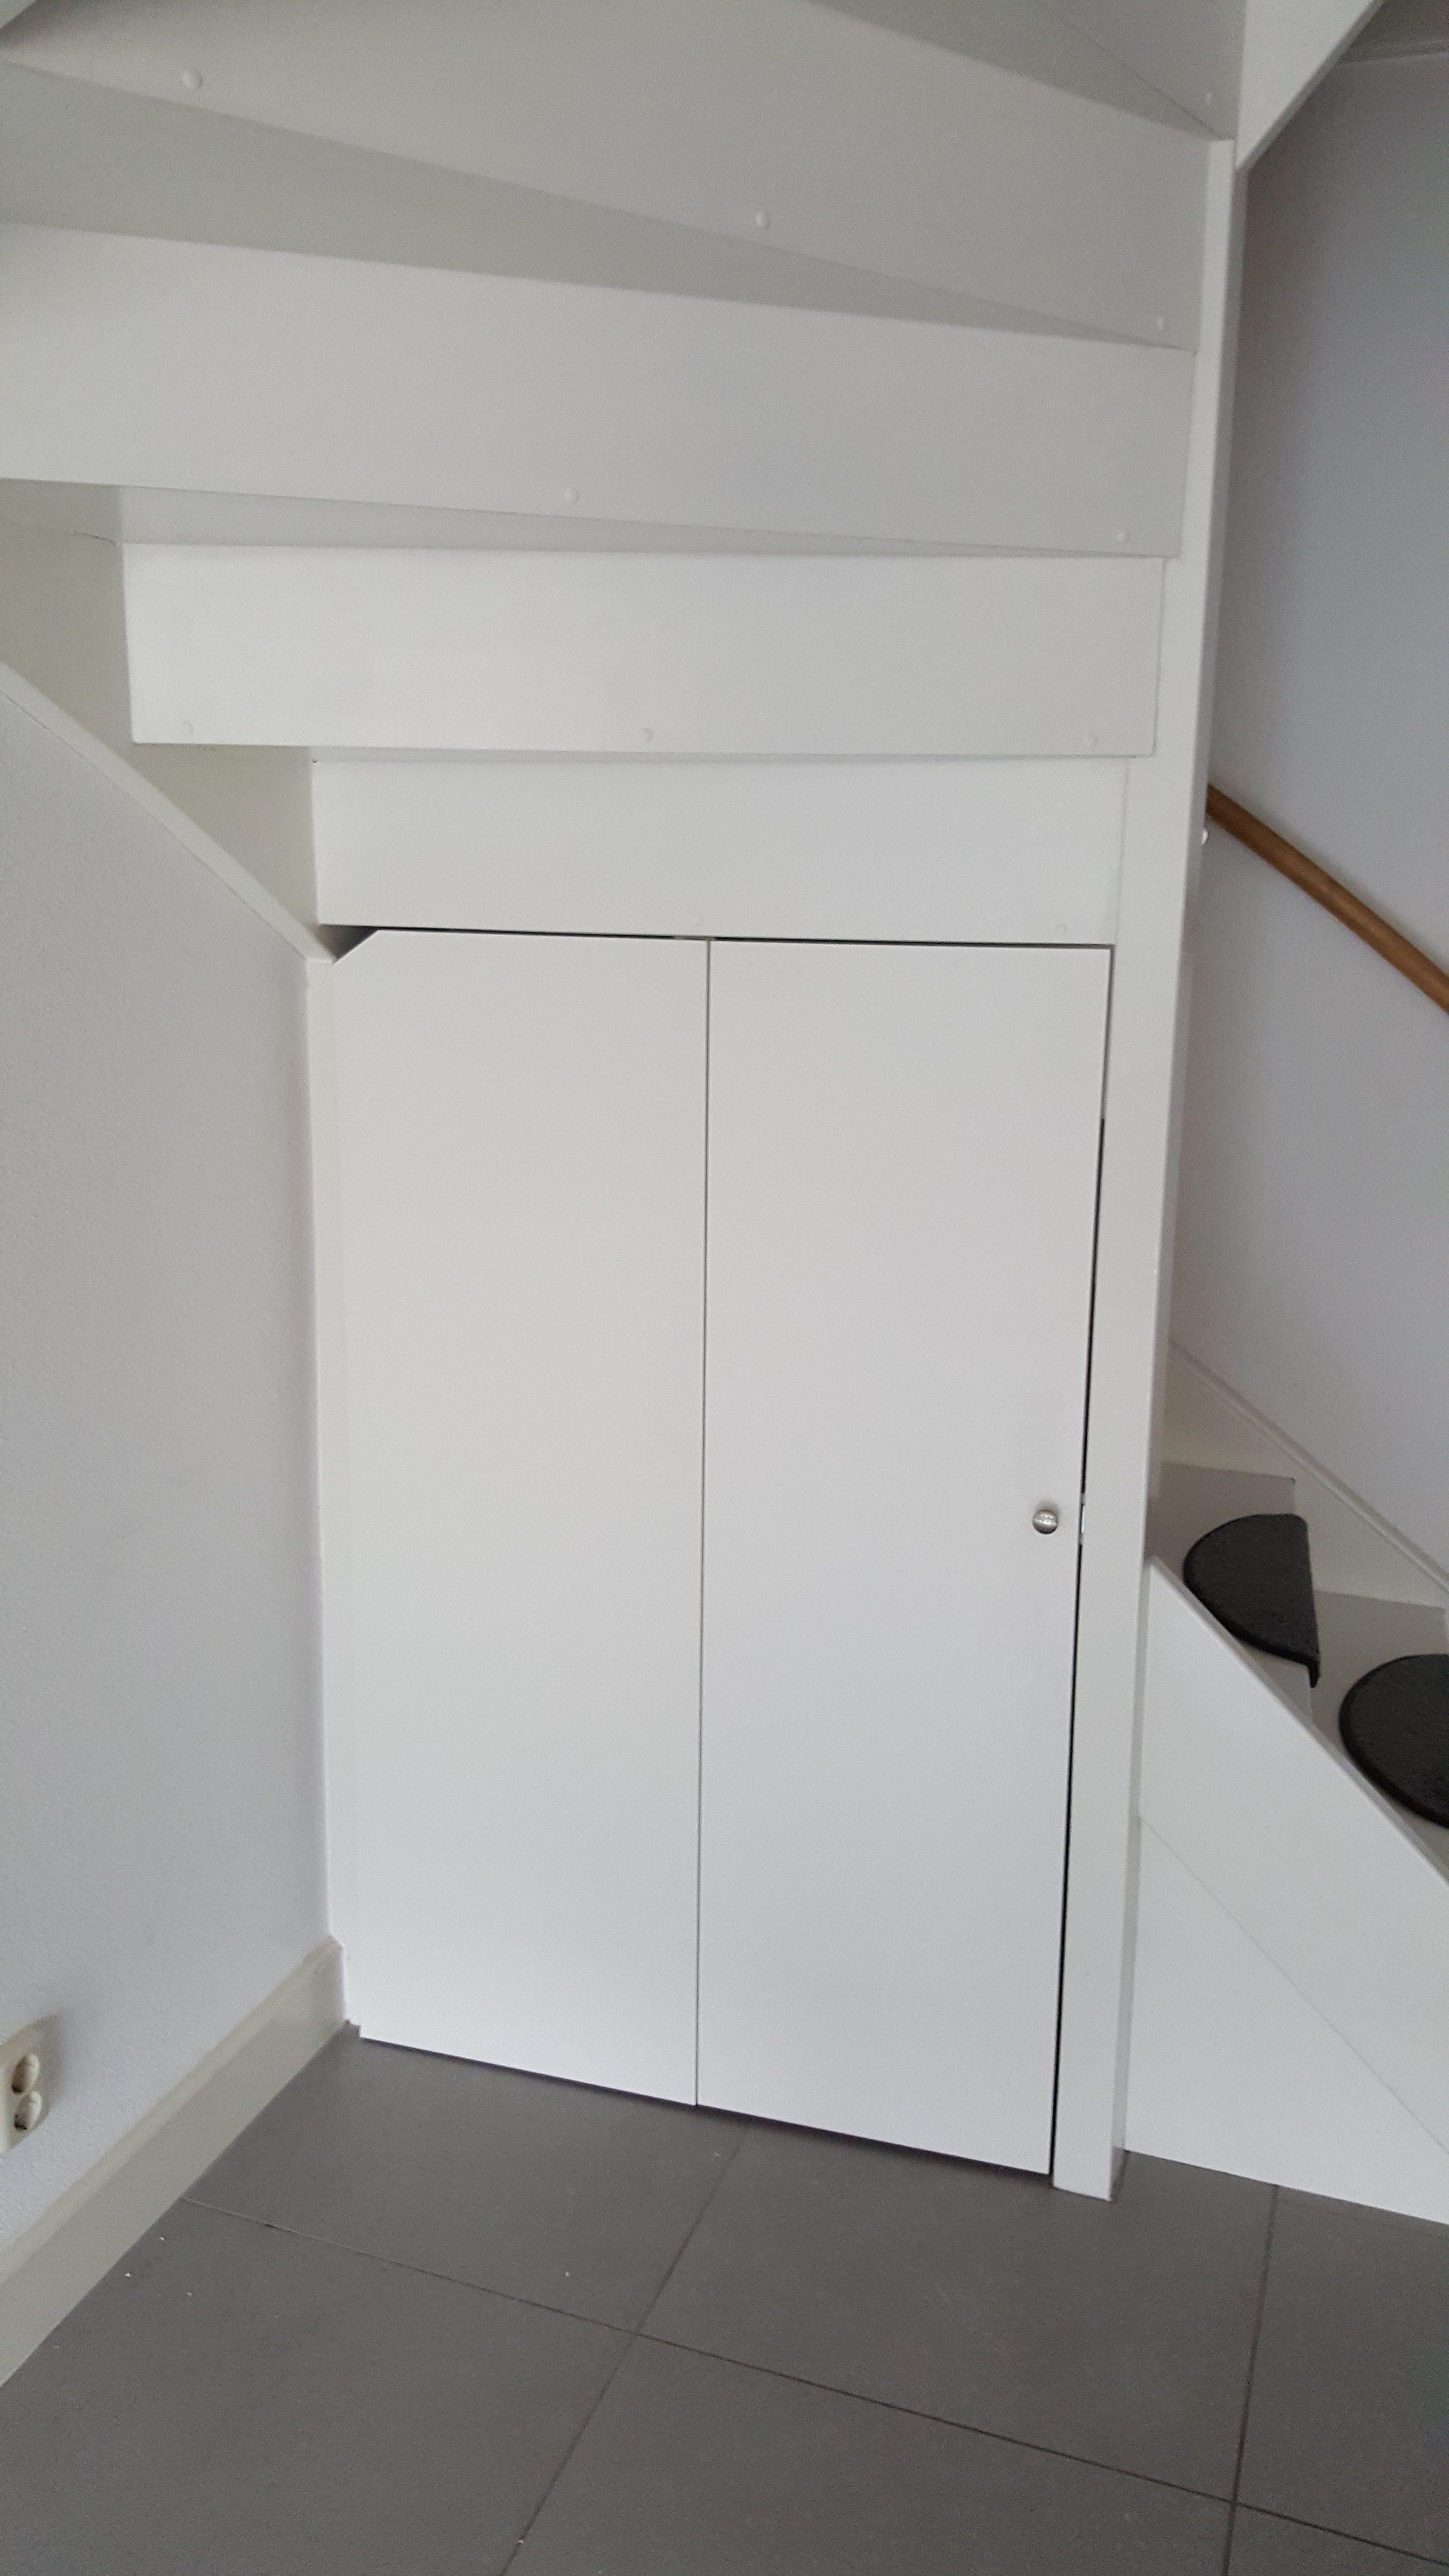 rbhoutwerk trapkast dicht maken trap